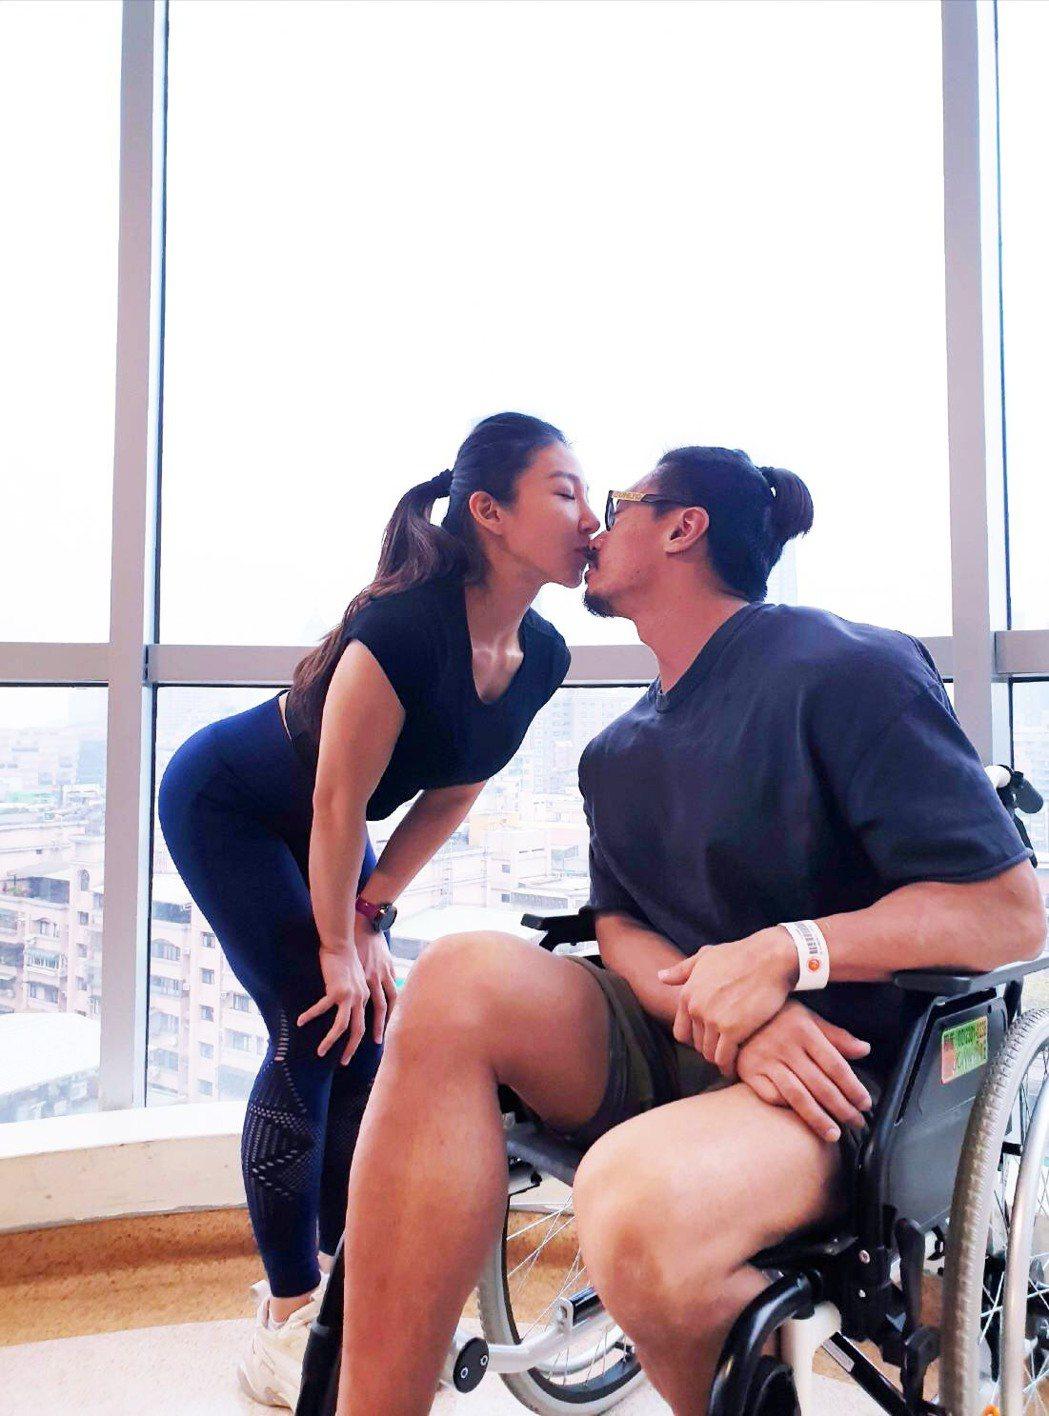 筋肉爸爸和筋肉媽媽感情深厚。圖/天王心娛樂提供